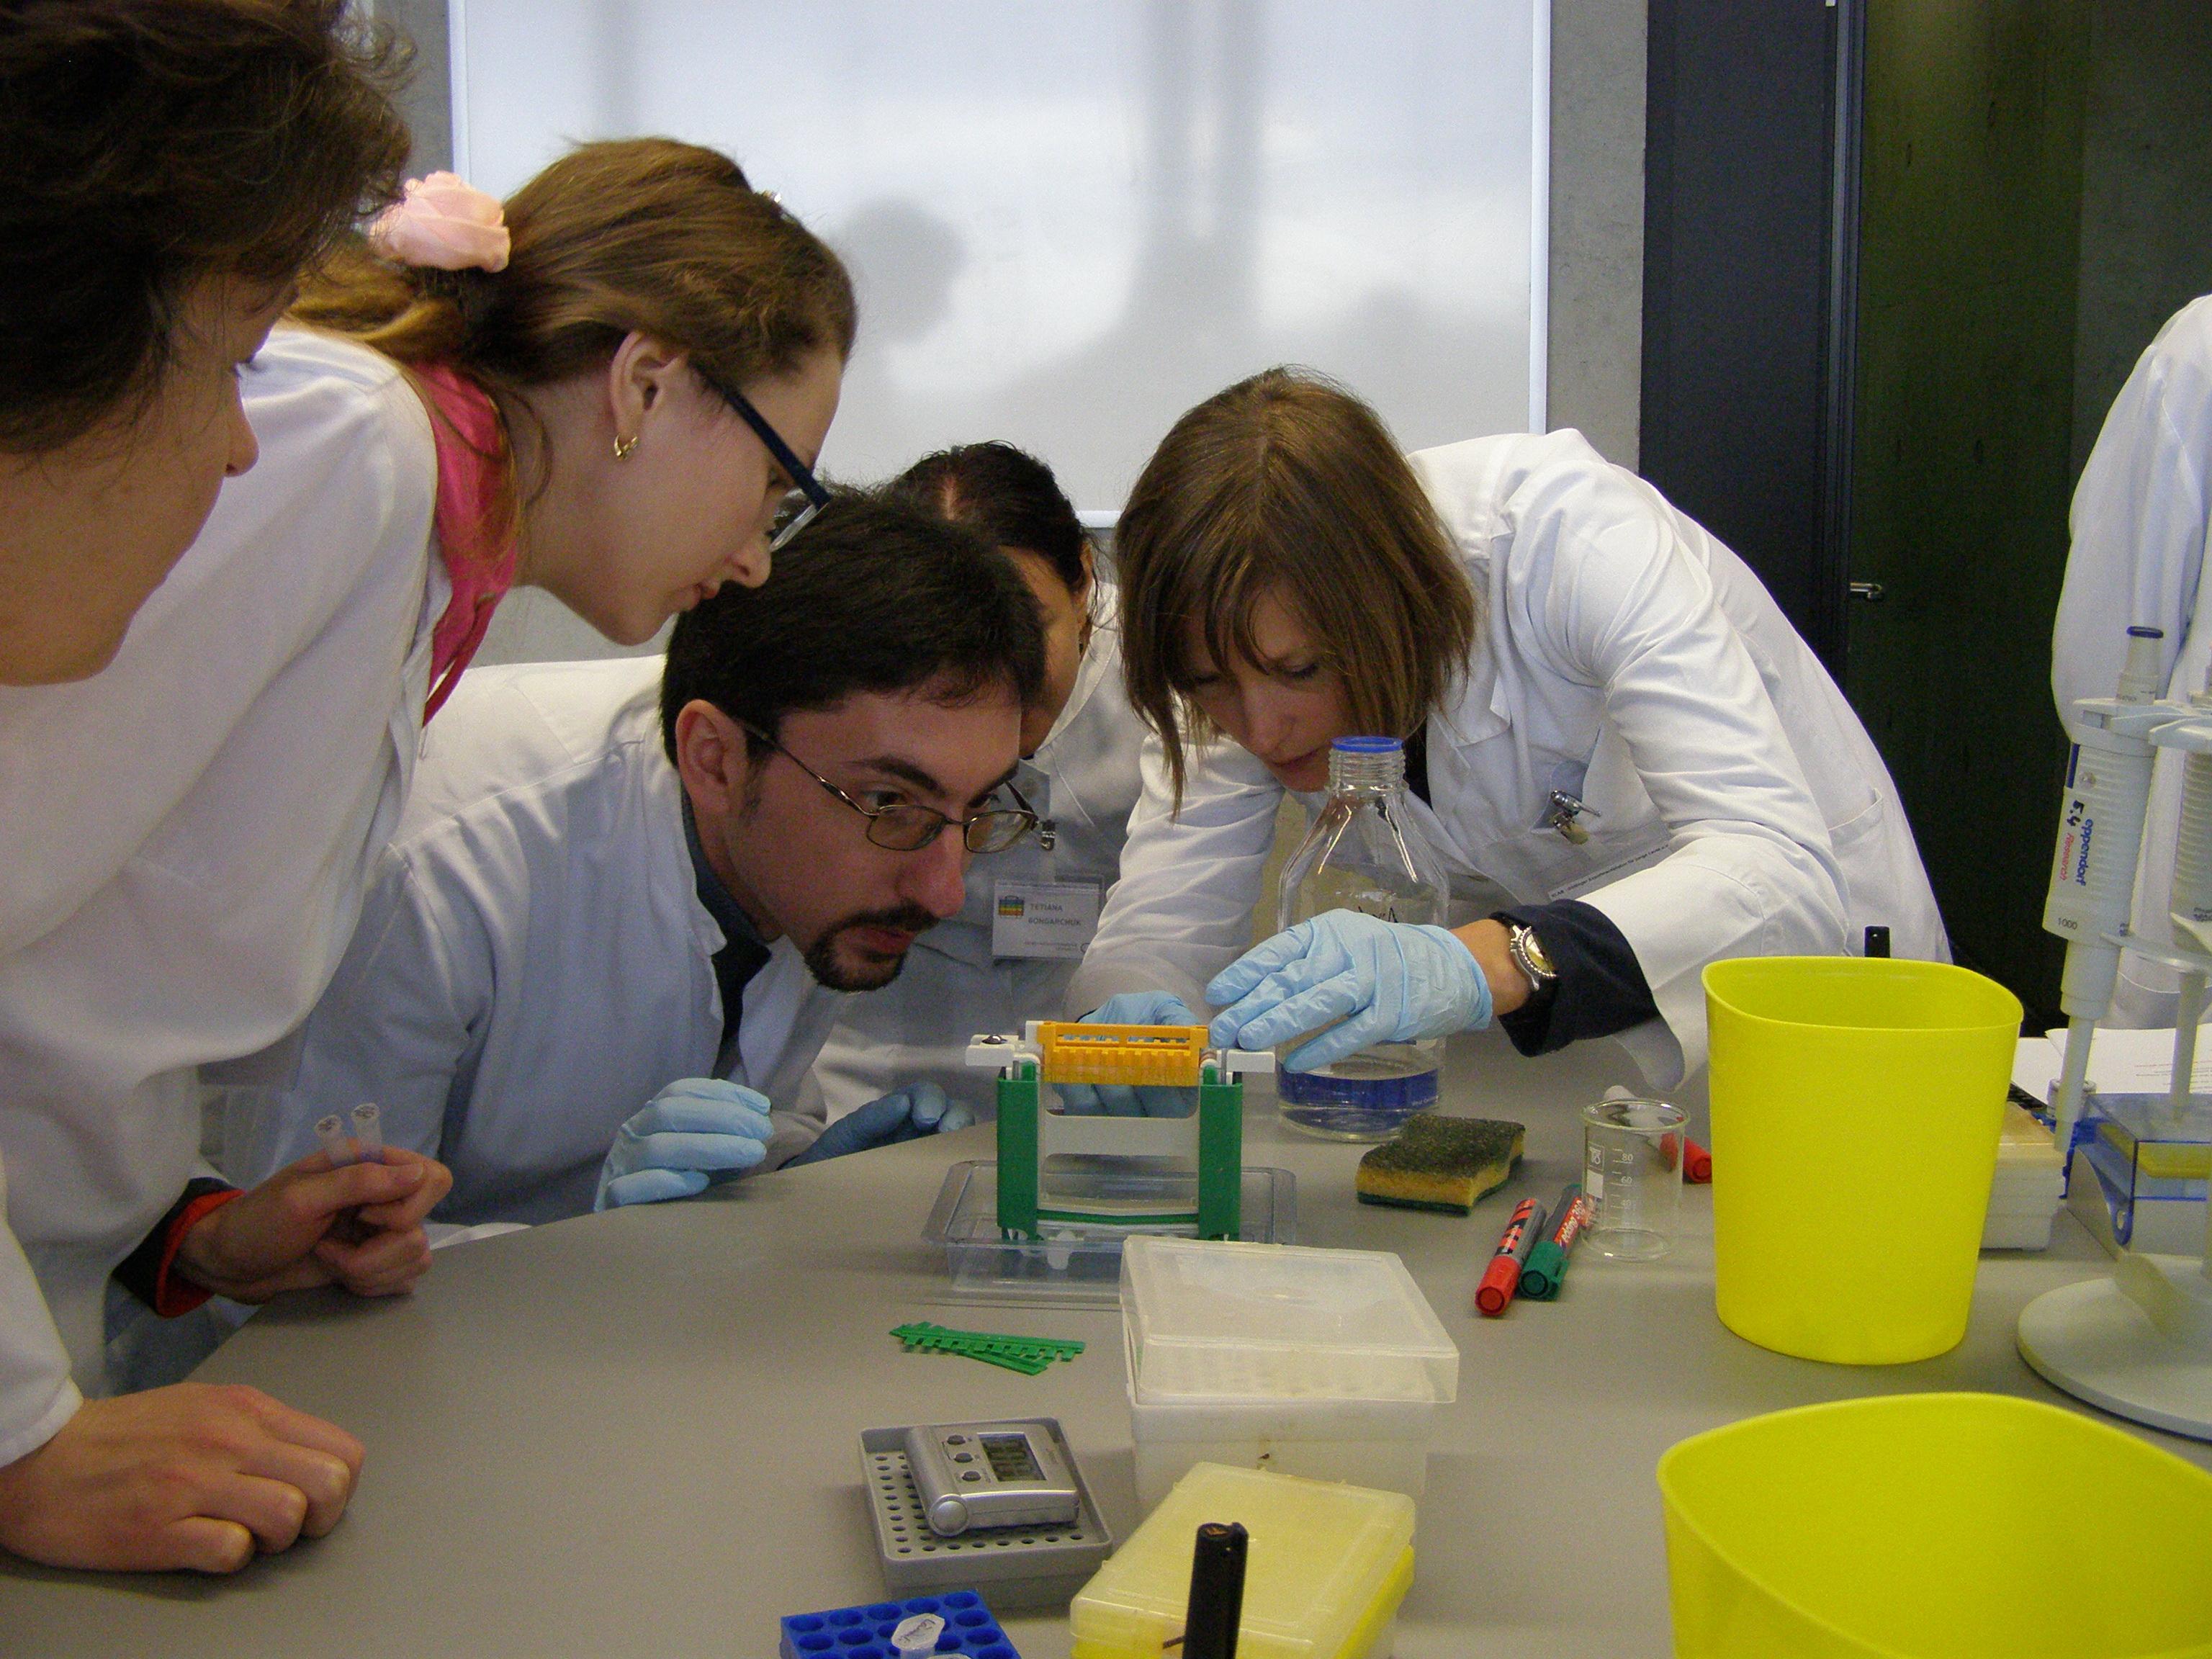 Viện hàn lâm KH Ukraine hợp tác với Đức mở khóa đào tạo giáo viên về công nghệ gene, sinh học phân tử, khoa học thần kinh nhằm khuyến khích các tài năng trẻ đến với khoa học. Nguồn: NASU.